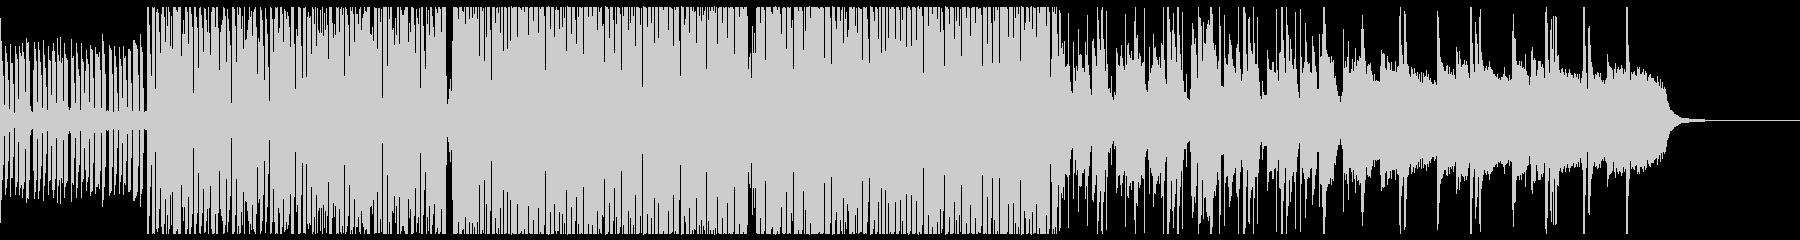 暖かい雰囲気のファンクの未再生の波形